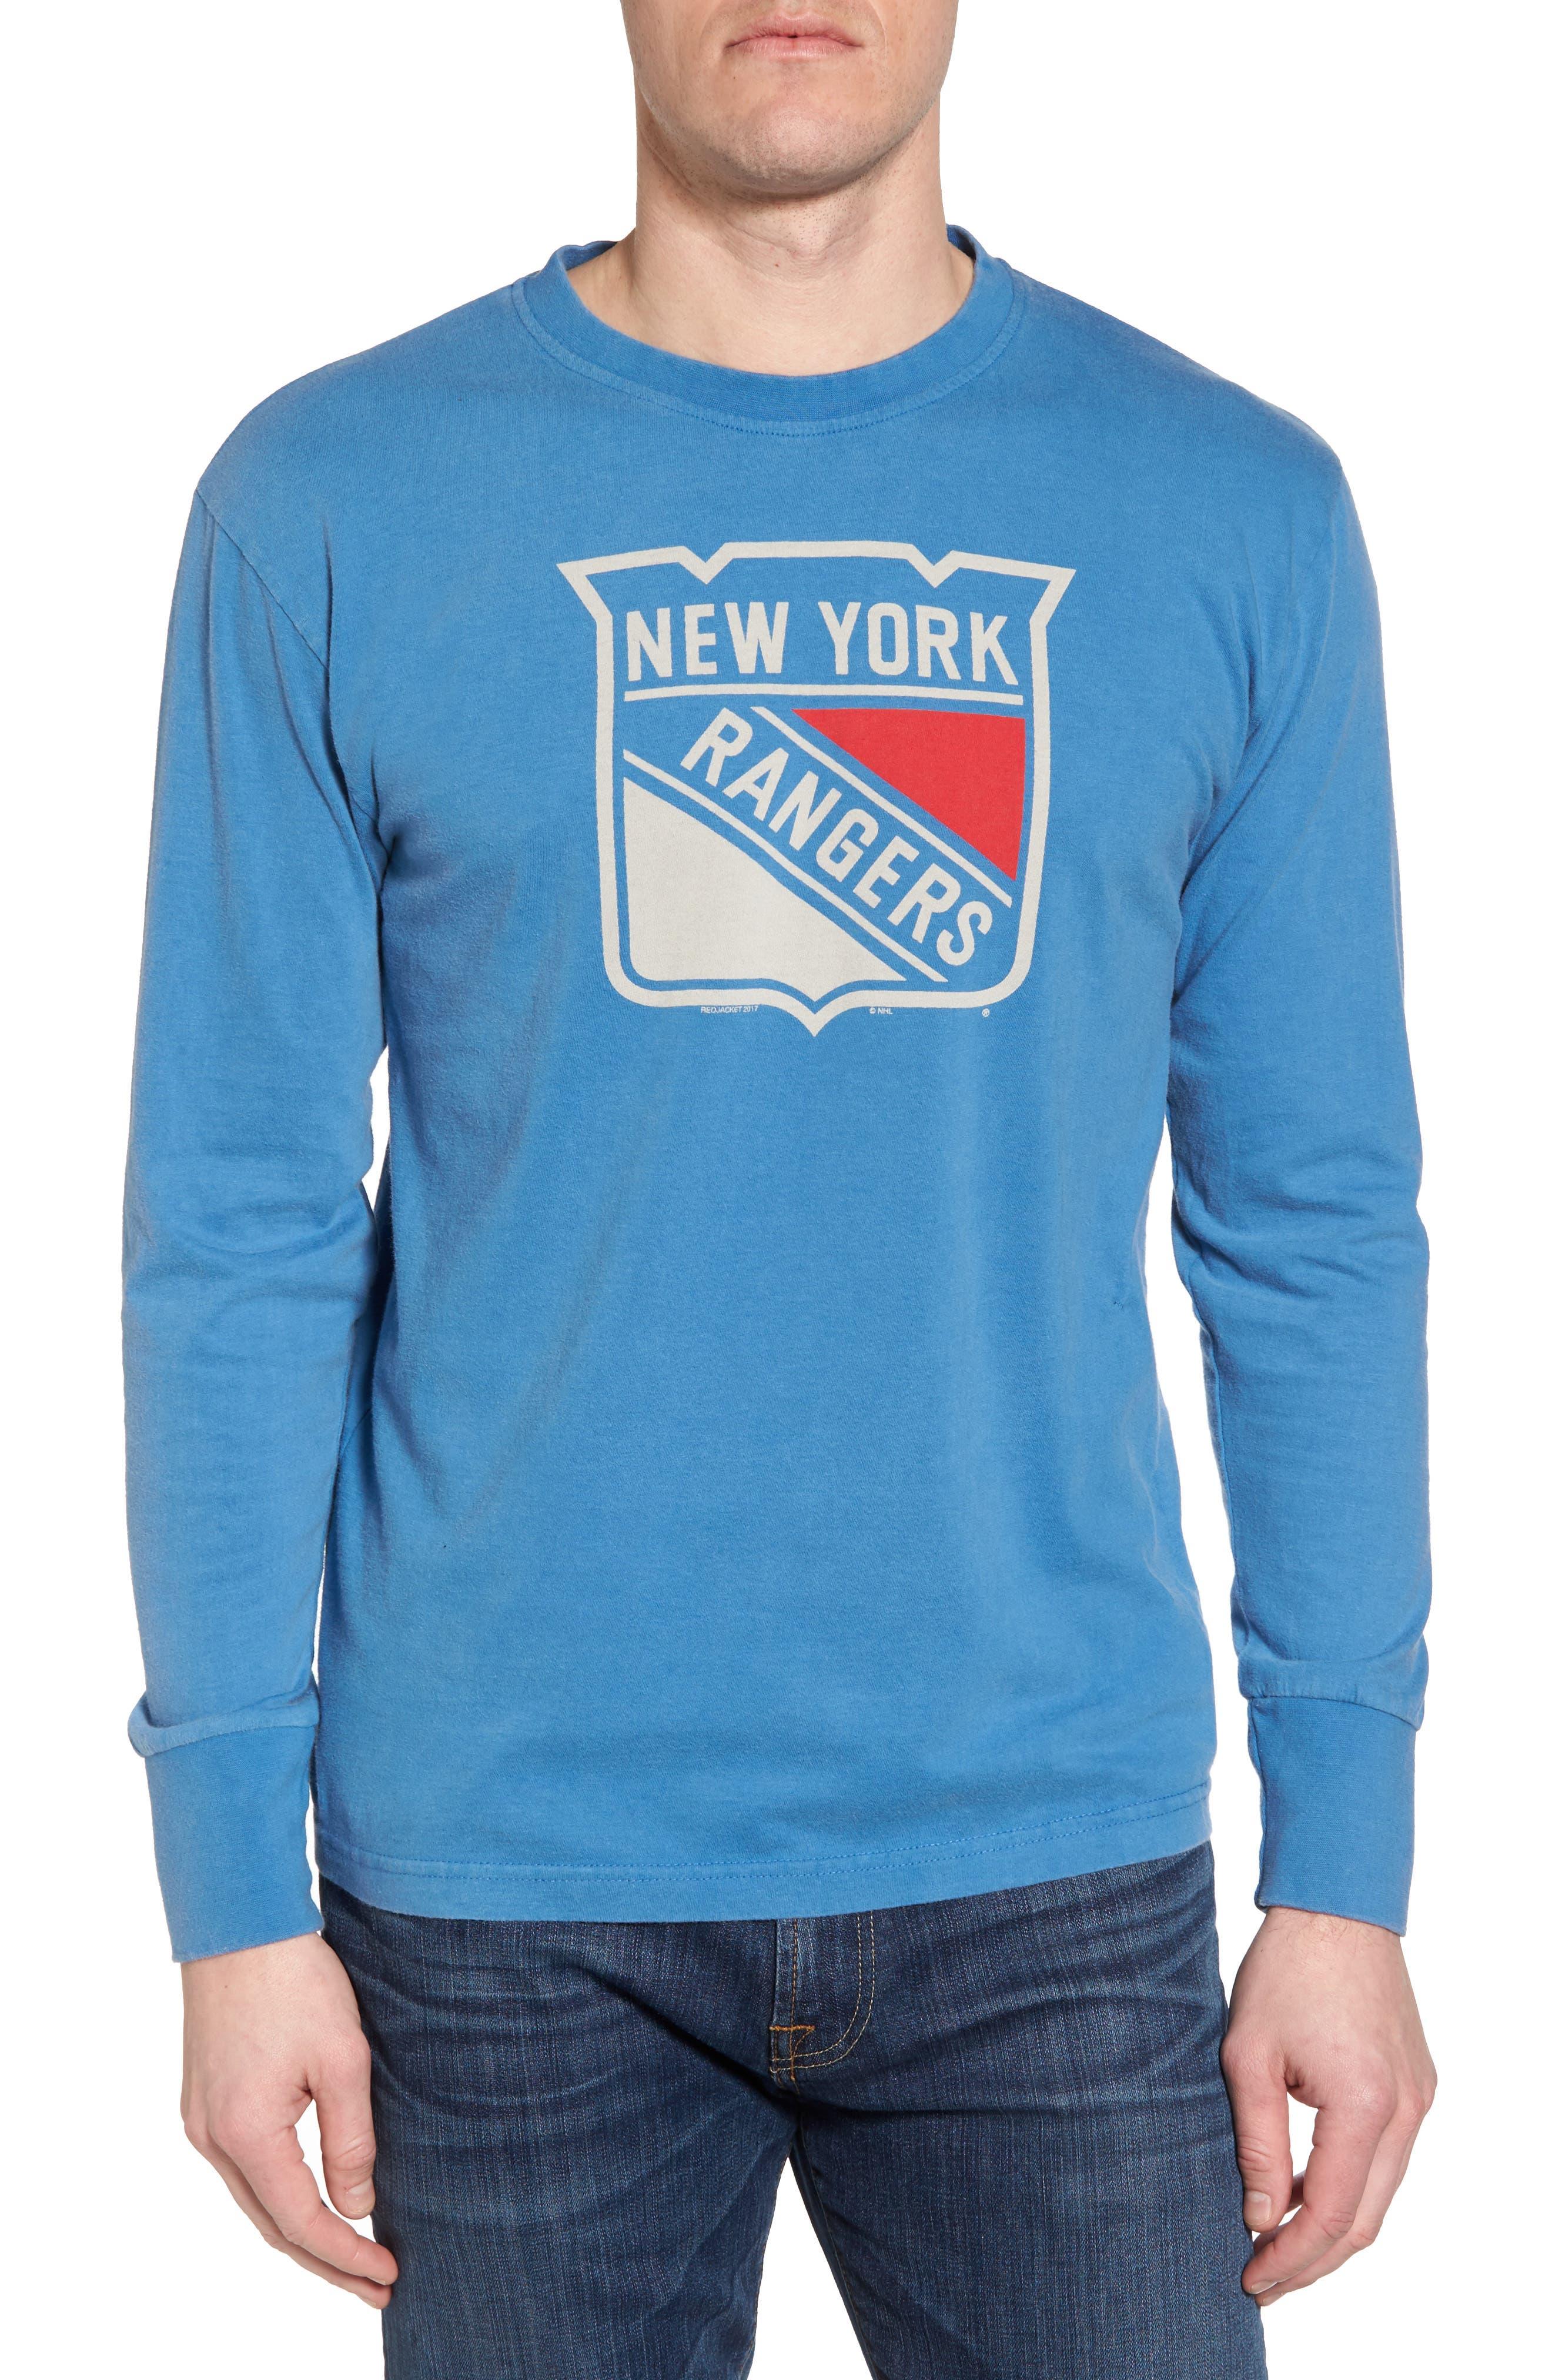 American Needle Gresham New York Rangers T-Shirt